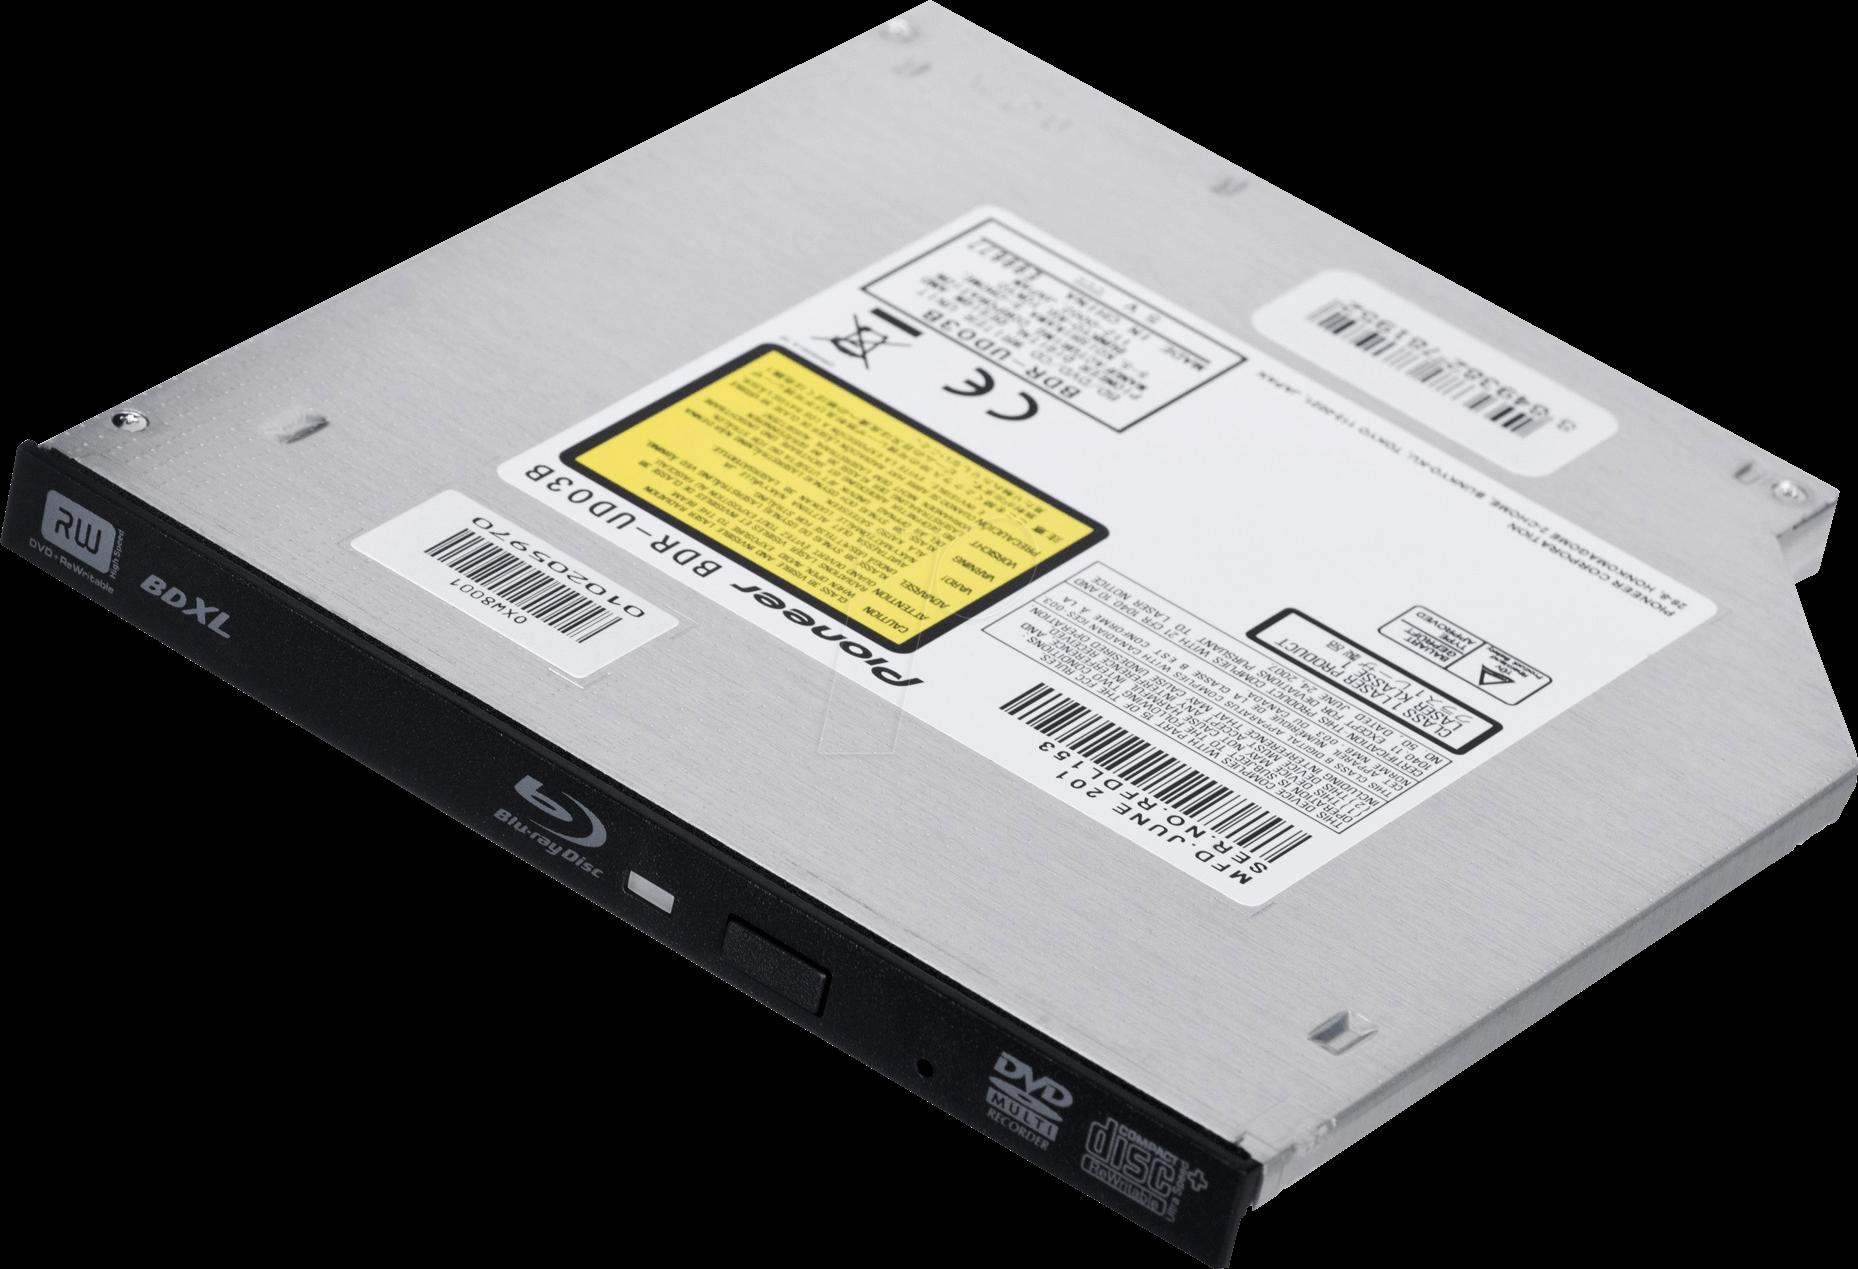 BDR-UD03B - Slimline Blu-ray Brenner Pioneer